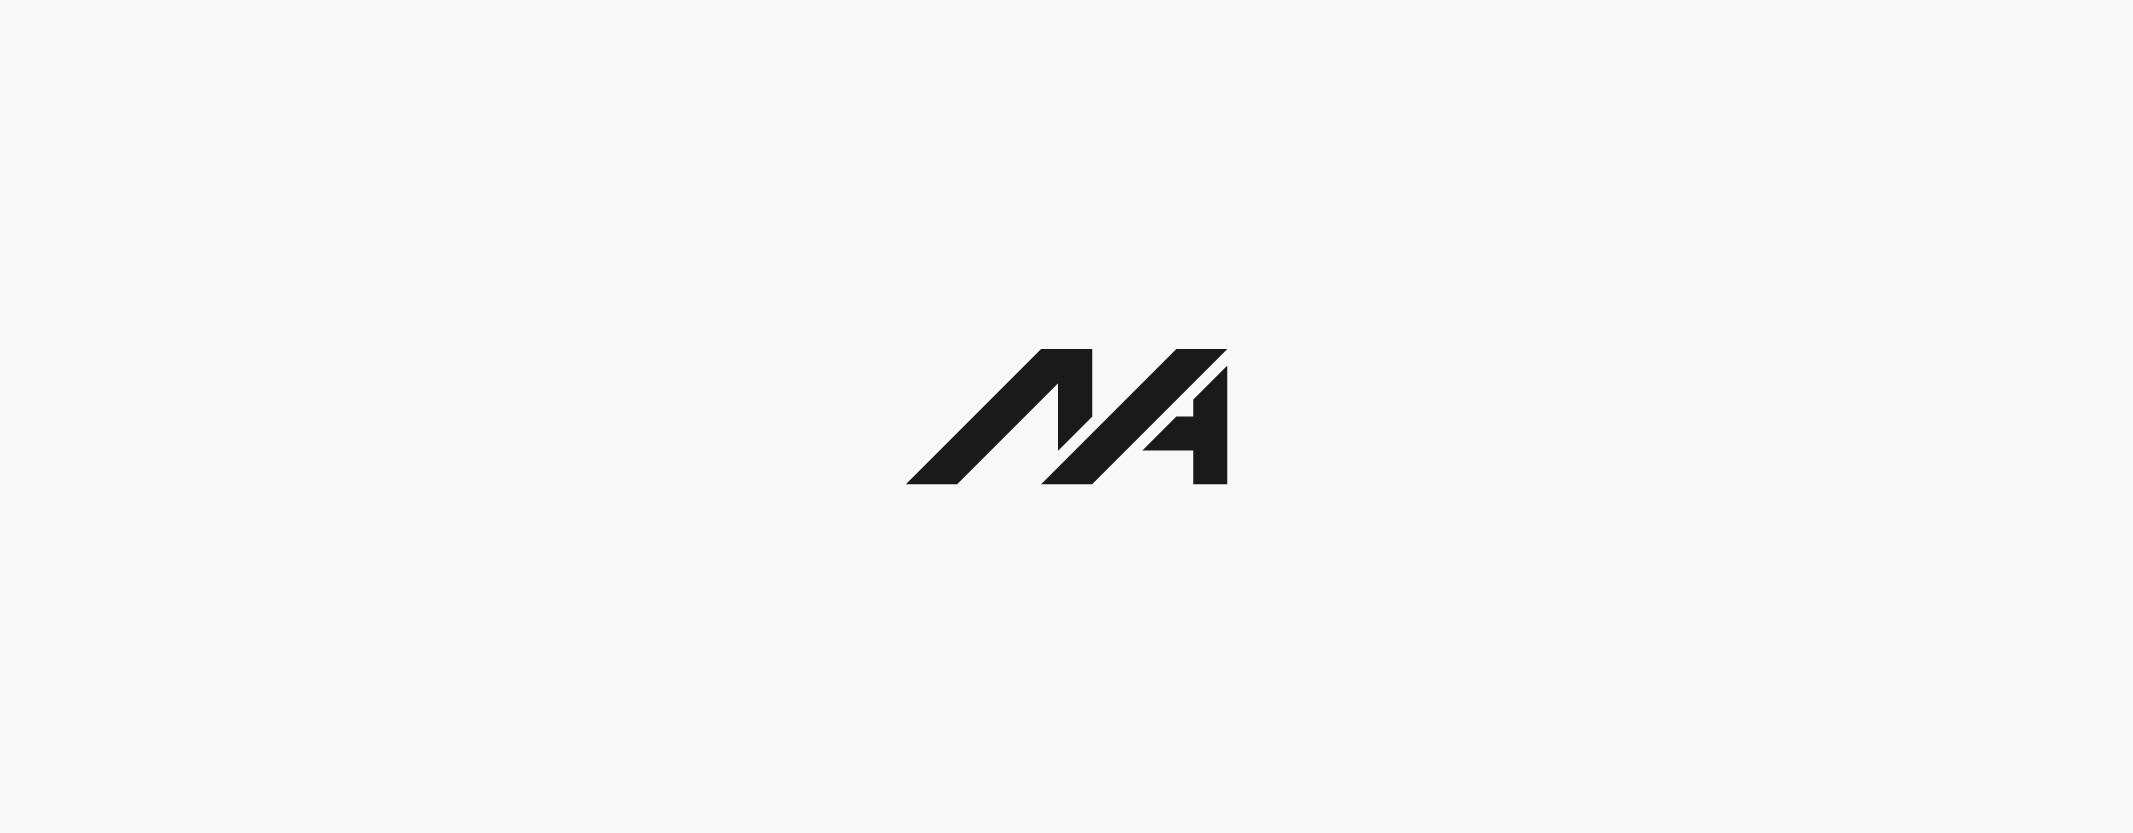 37_logos_mikeavramis